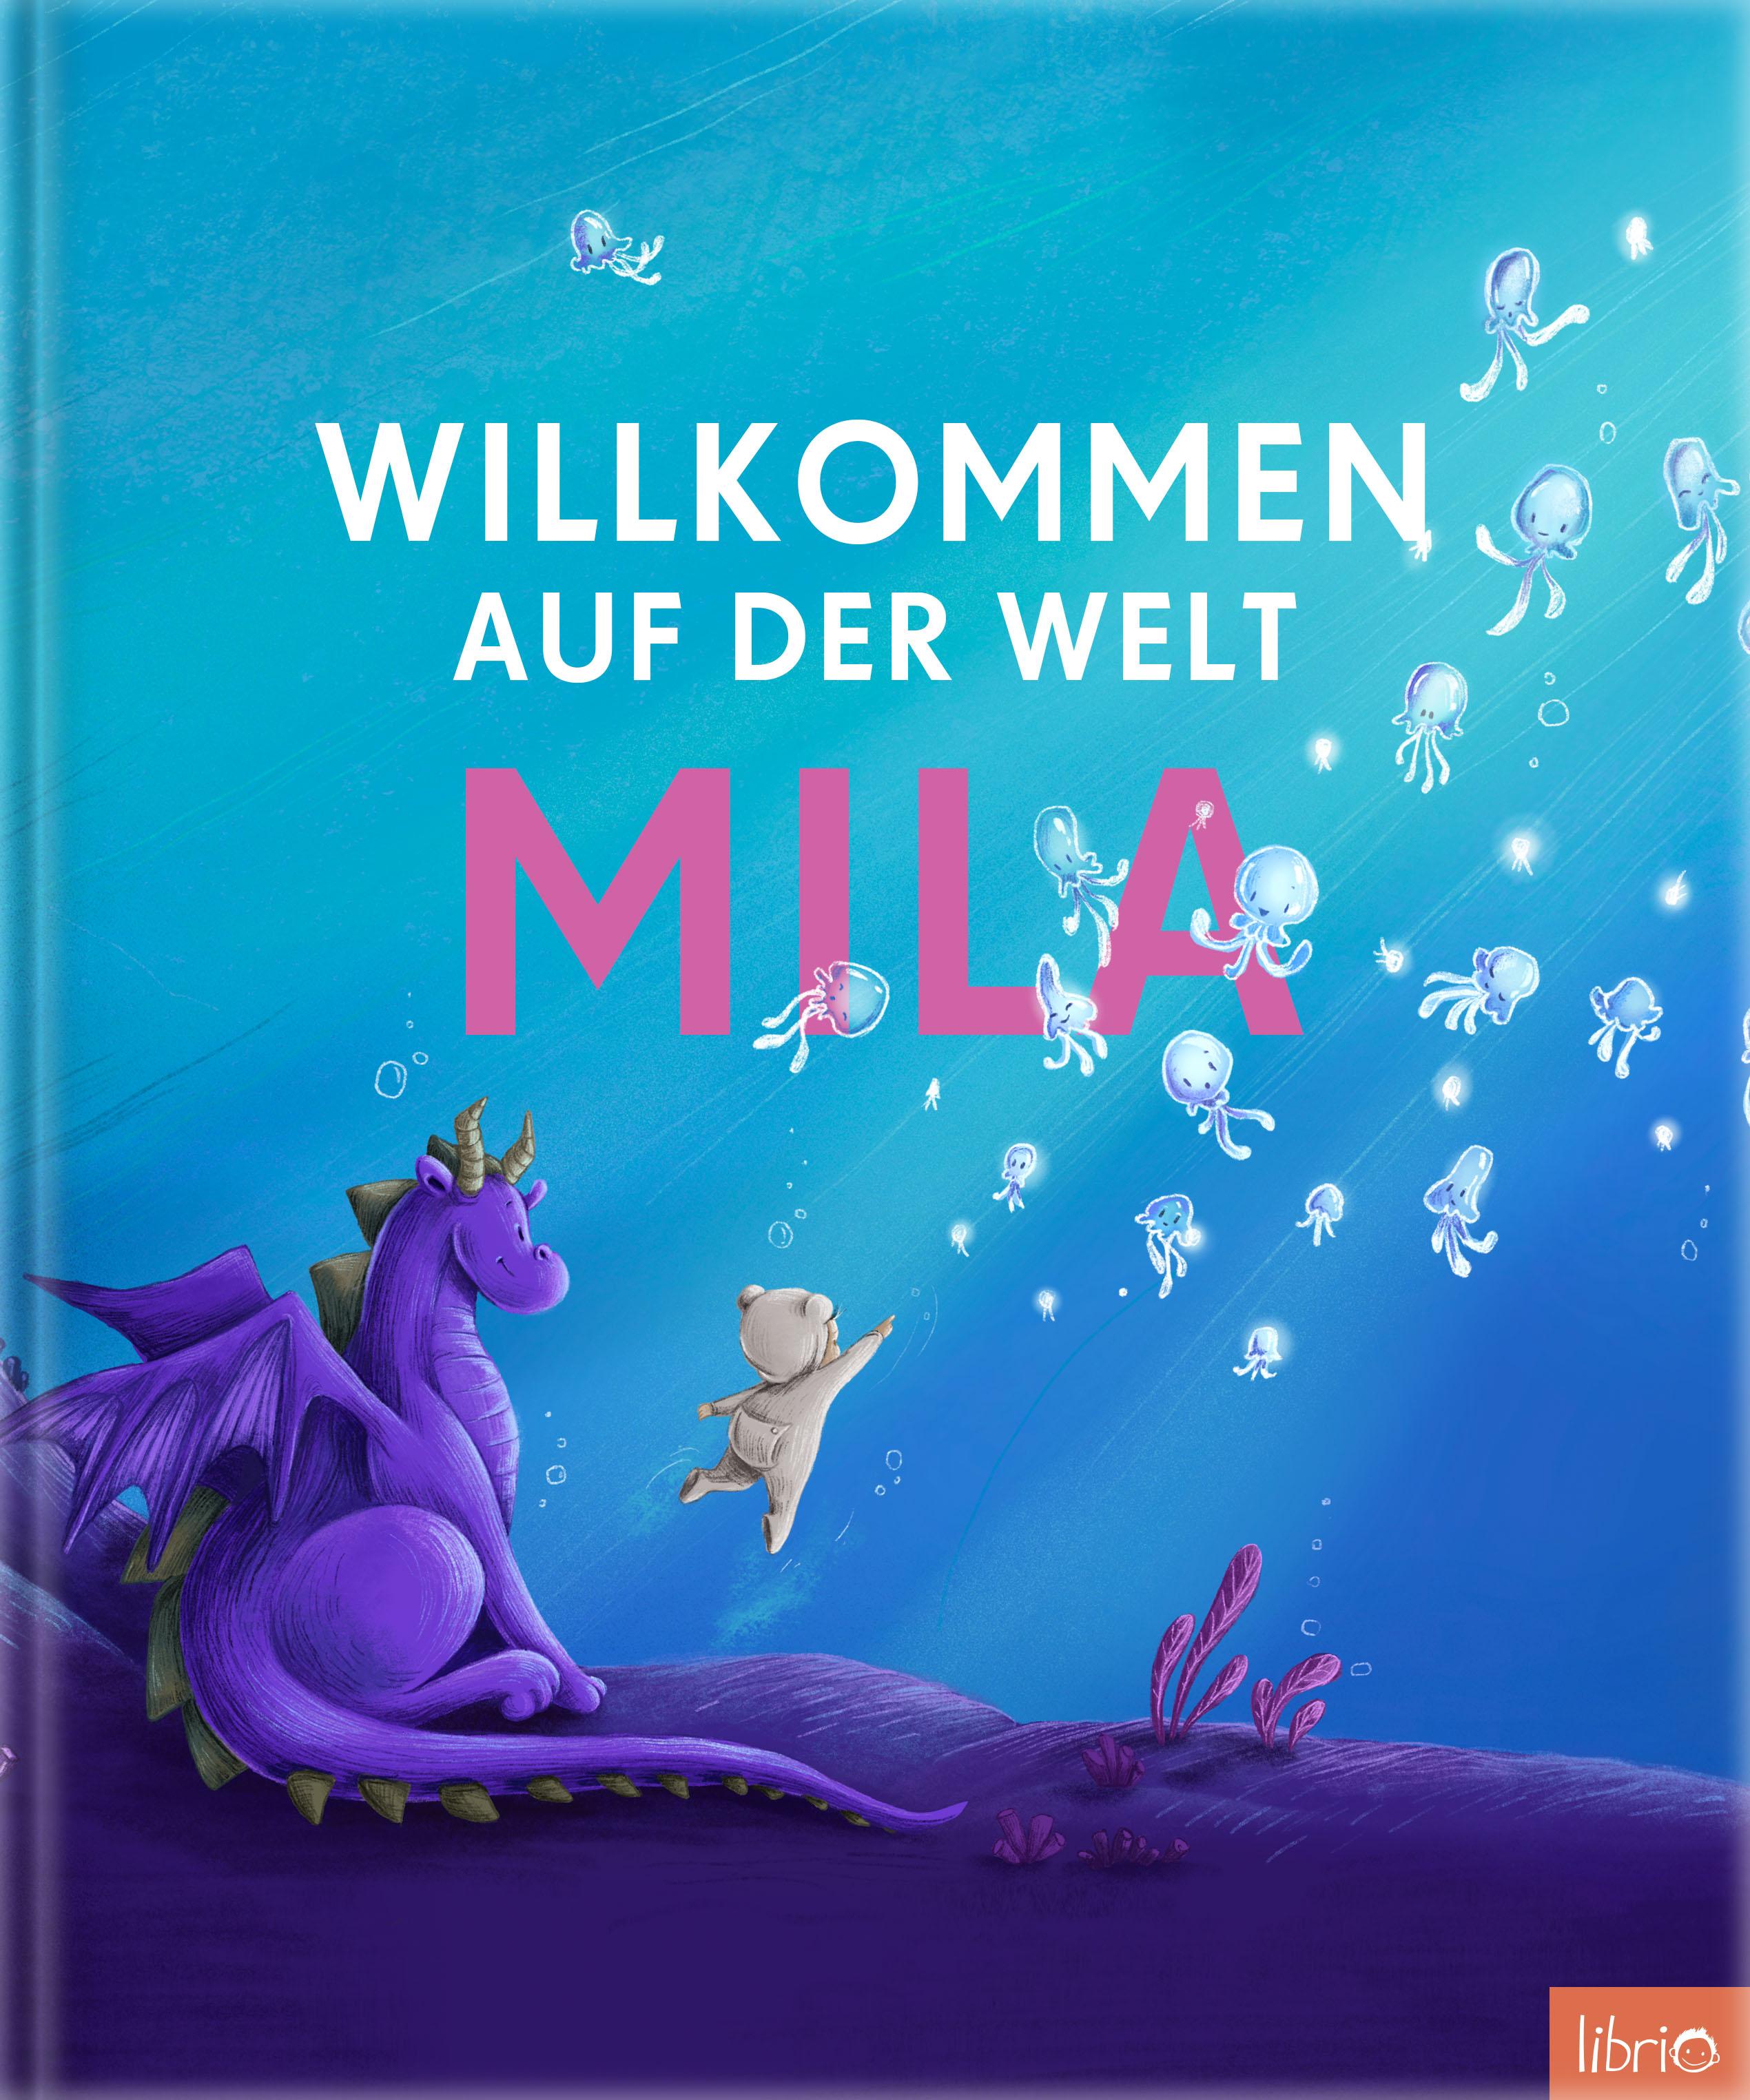 Image of Willkommen auf der Welt - Das personalisierte Kinderbuch zur Geburt